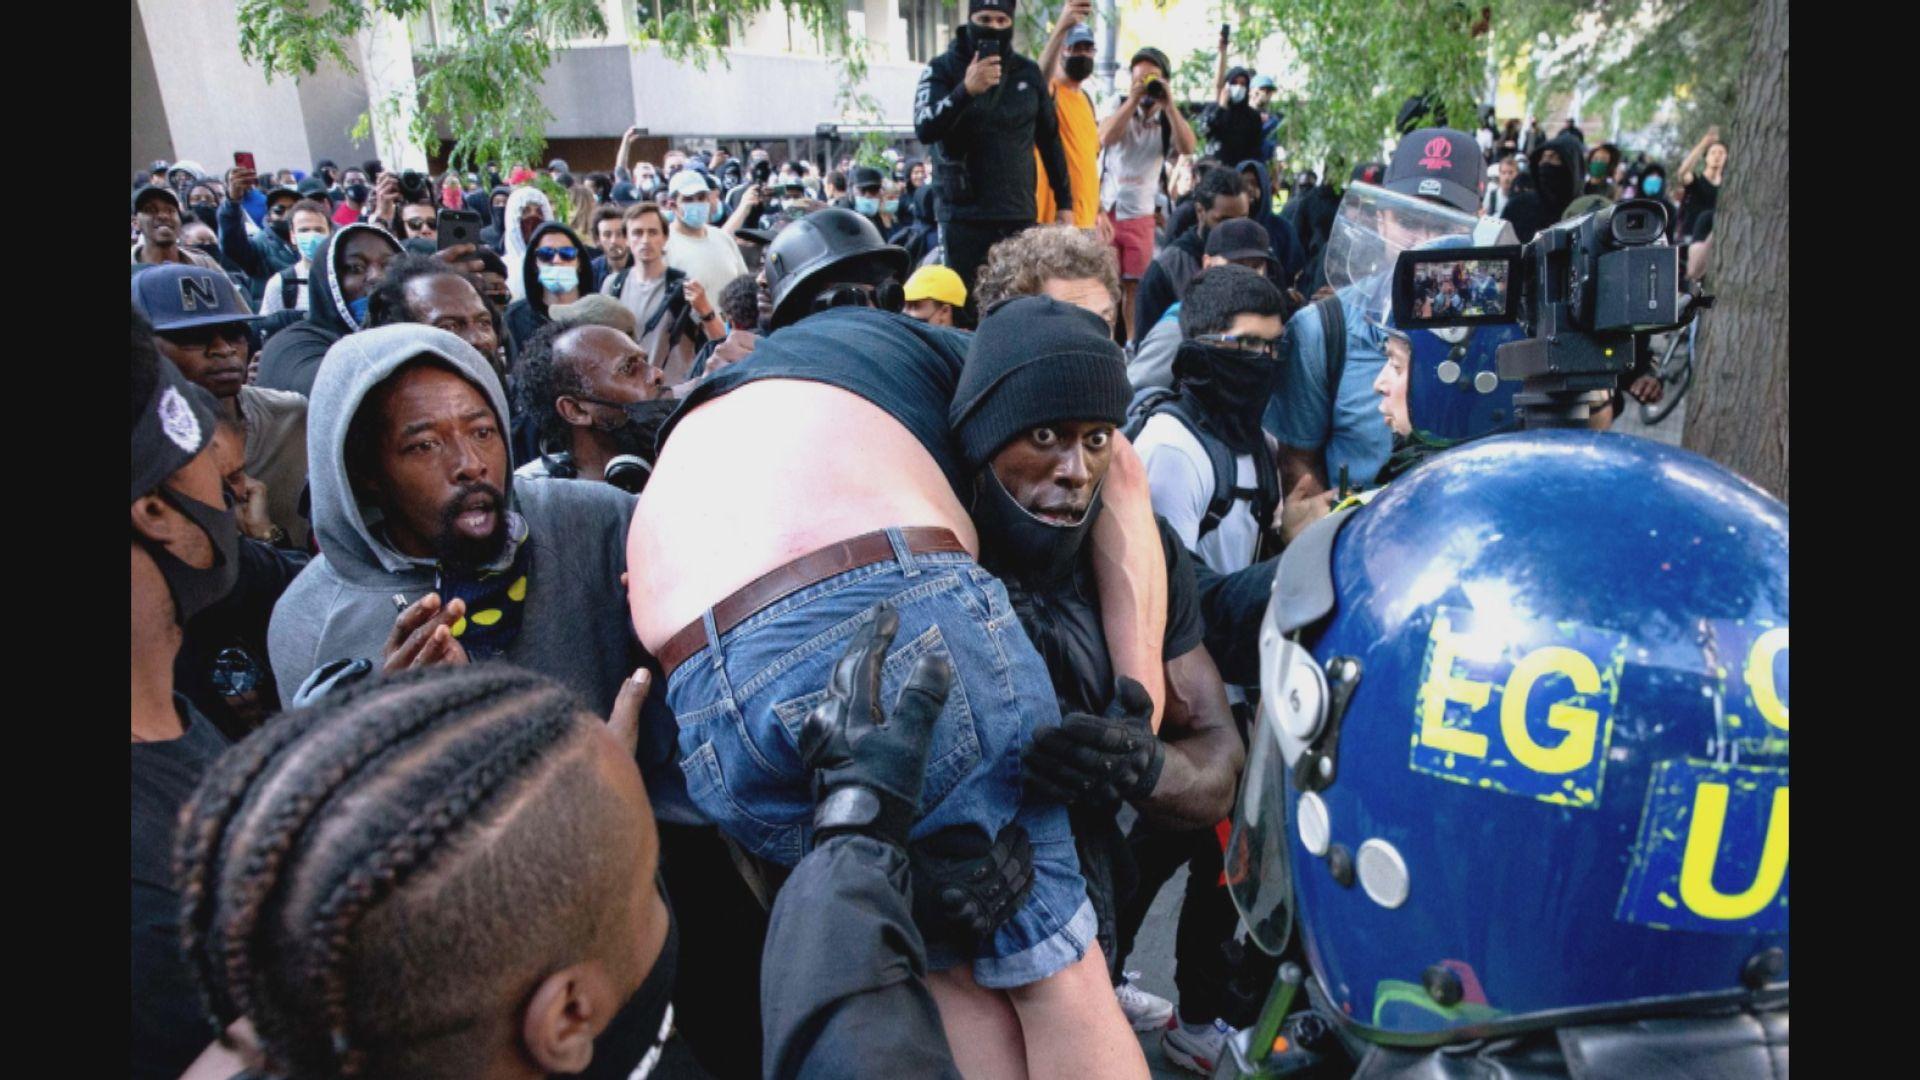 英國黑人示威者拯救被「私了」右翼分子